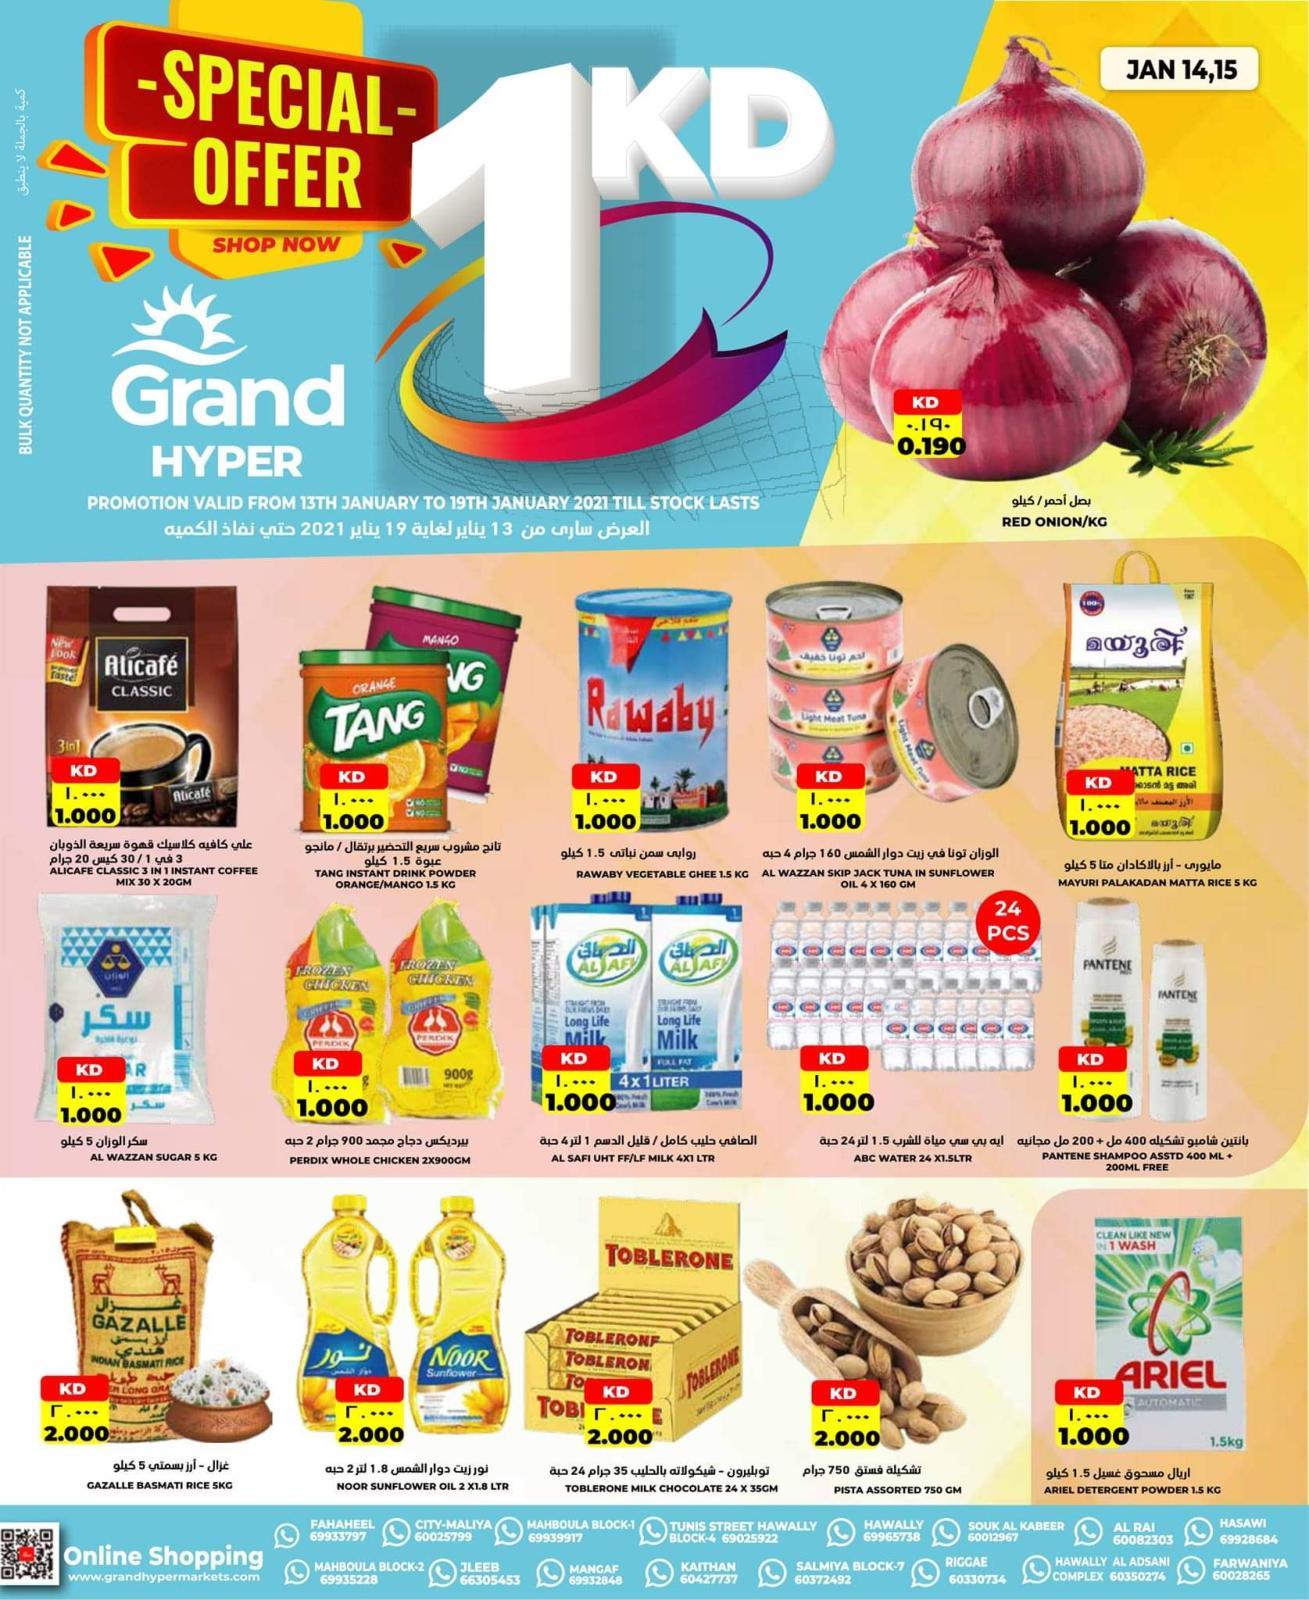 Calaméo - Tsawq Net Grand Hypermarket Kw 13 1 2021